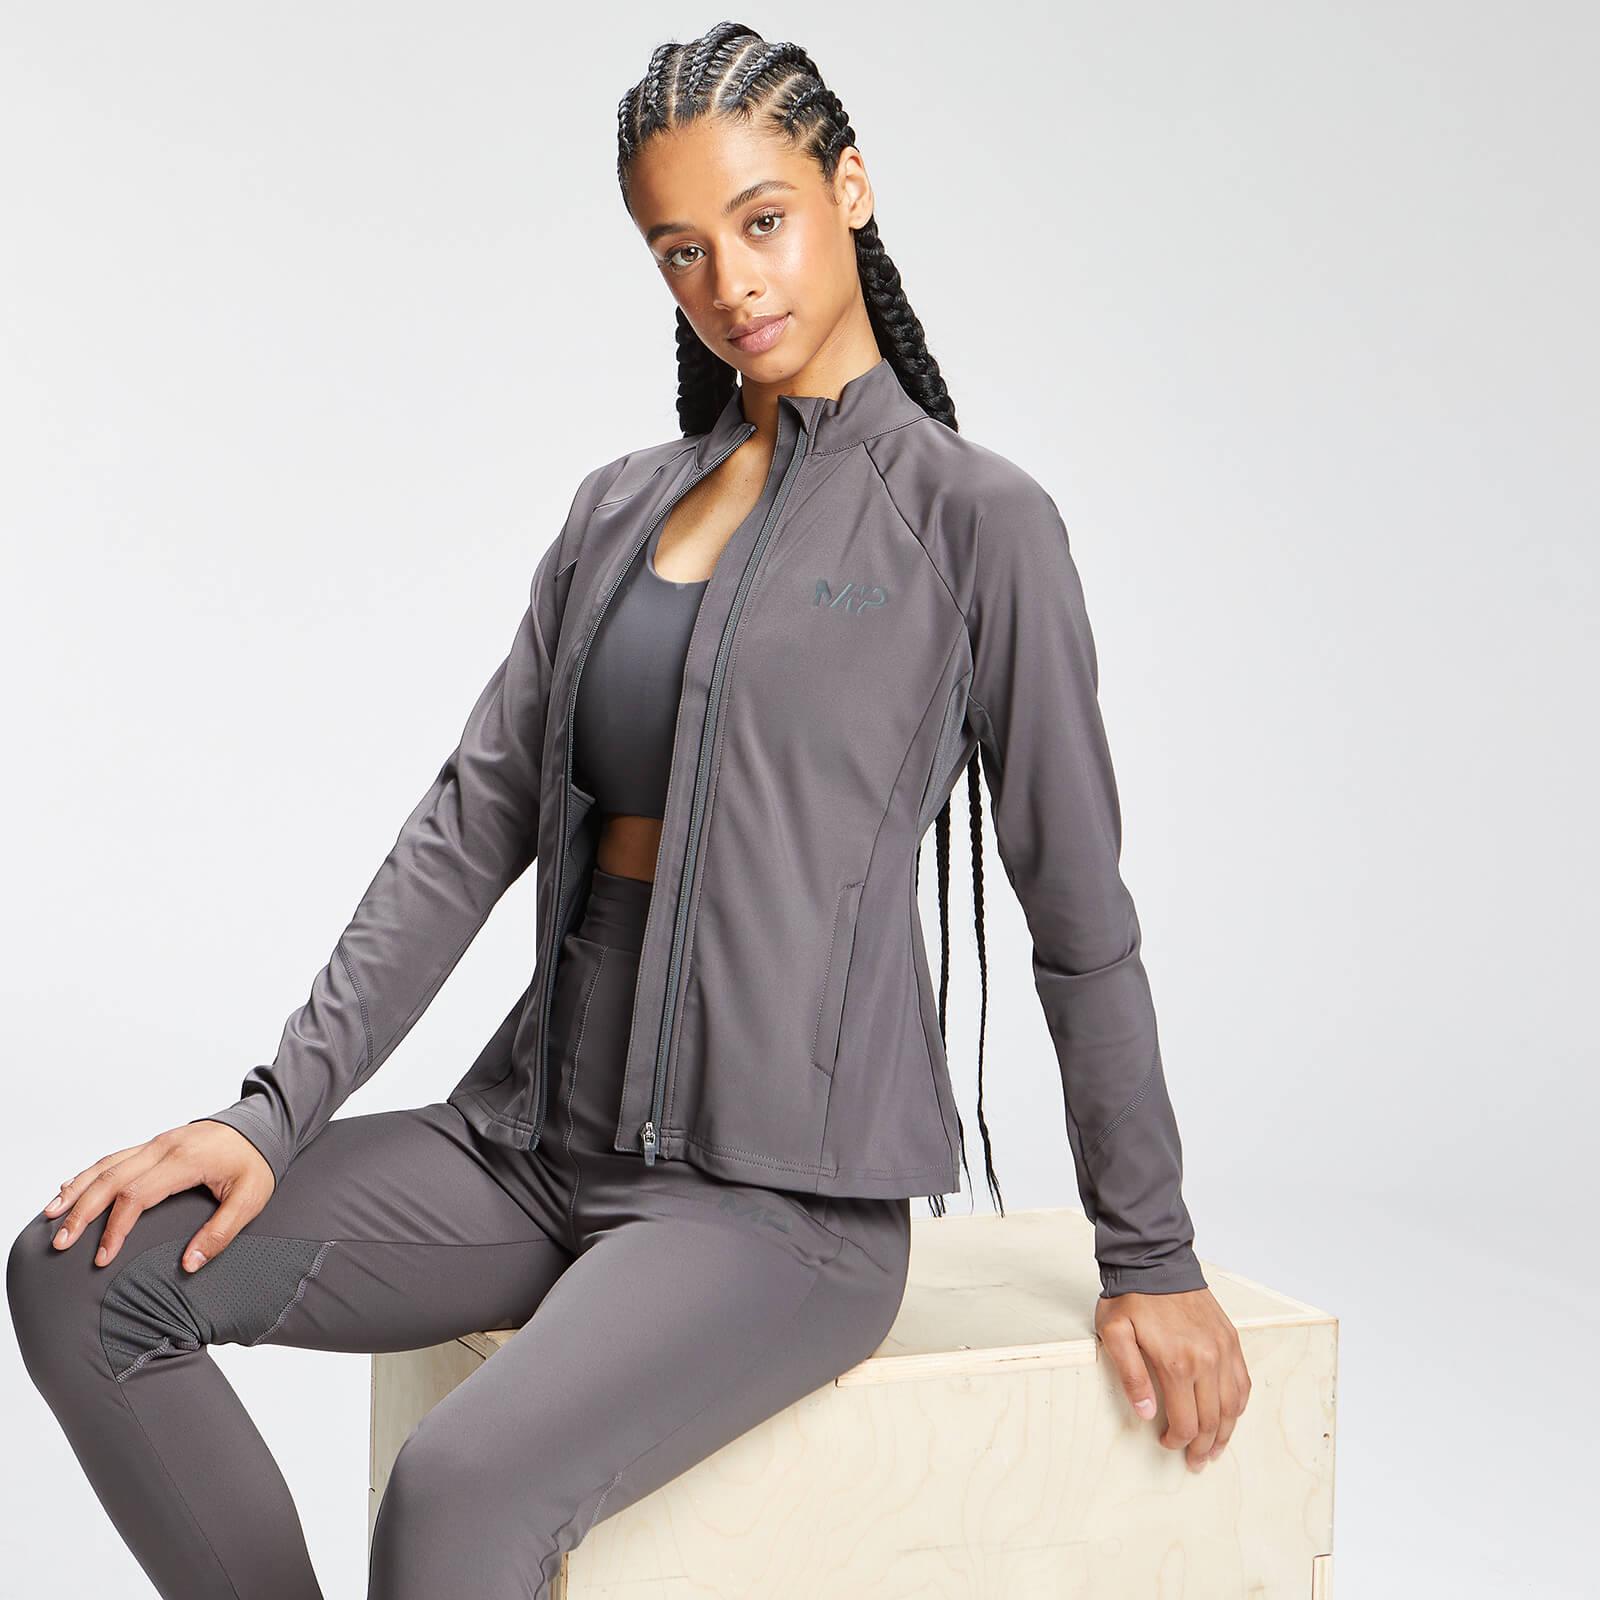 MP Women's Tempo Zip Front Jacket - Carbon - XXL, Myprotein International  - купить со скидкой